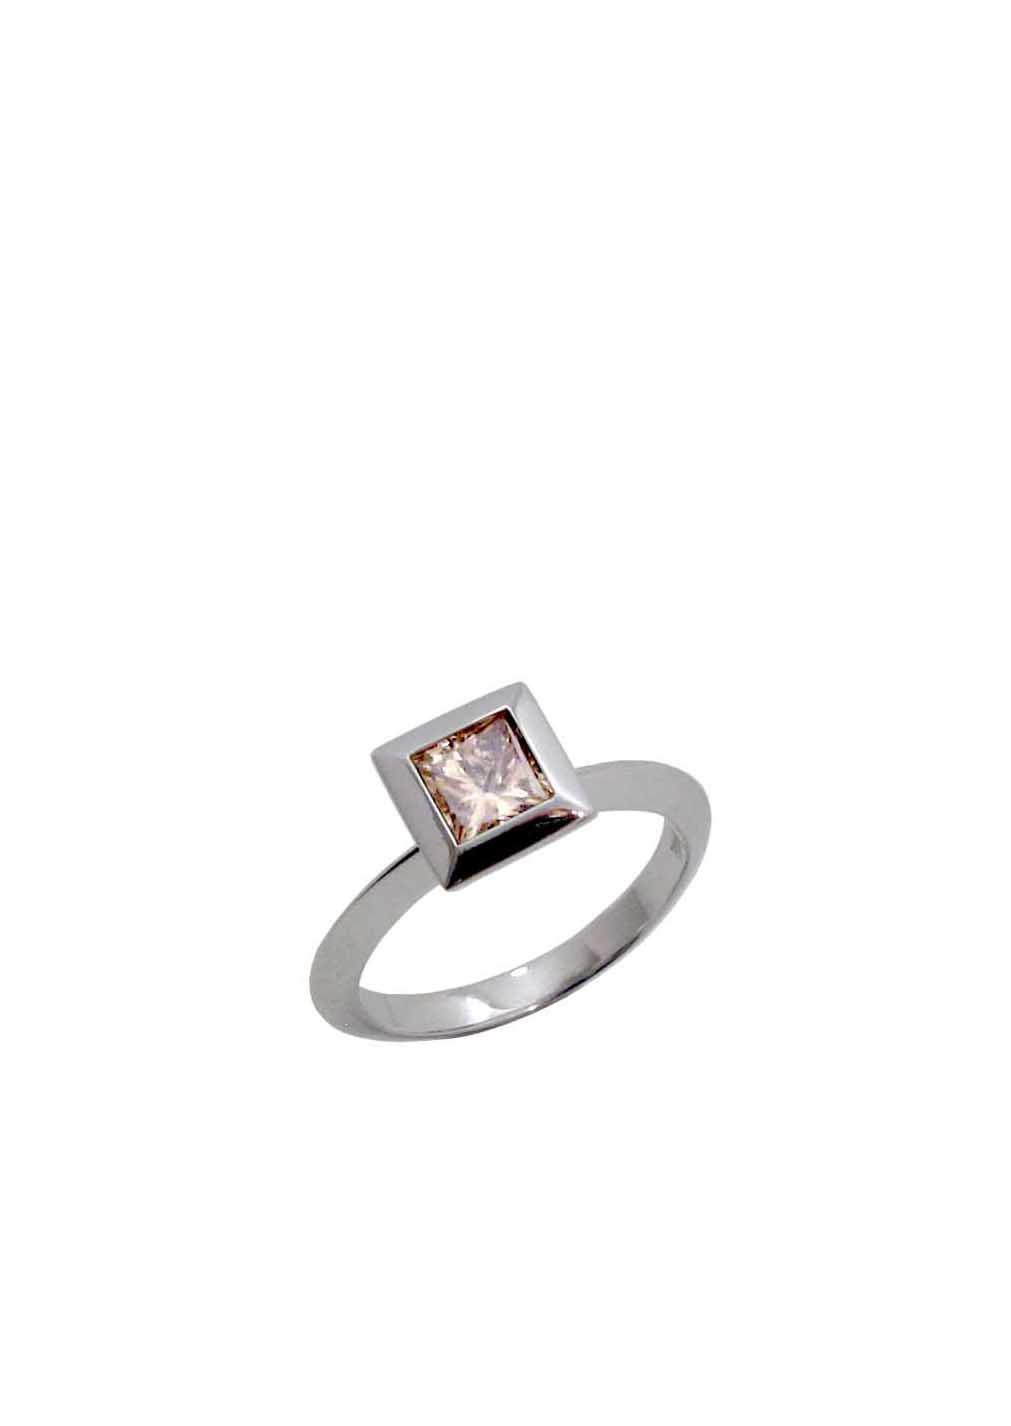 Diamantring mit champagner farbigem Diamant im Prinzessschliff, 1,04 carat, 4.250 Euro